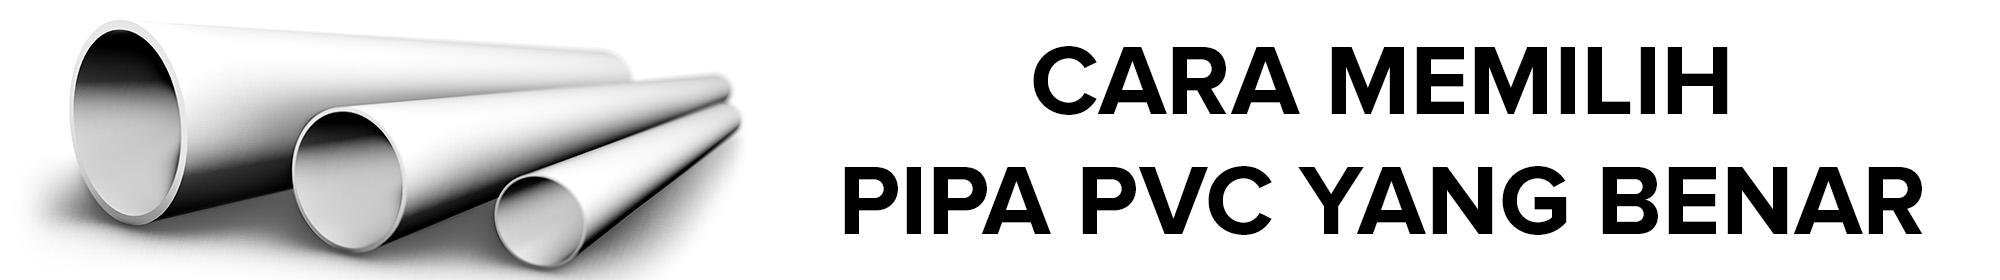 Pipa PVC - Cara Memilih Pipa PVC yang Benar